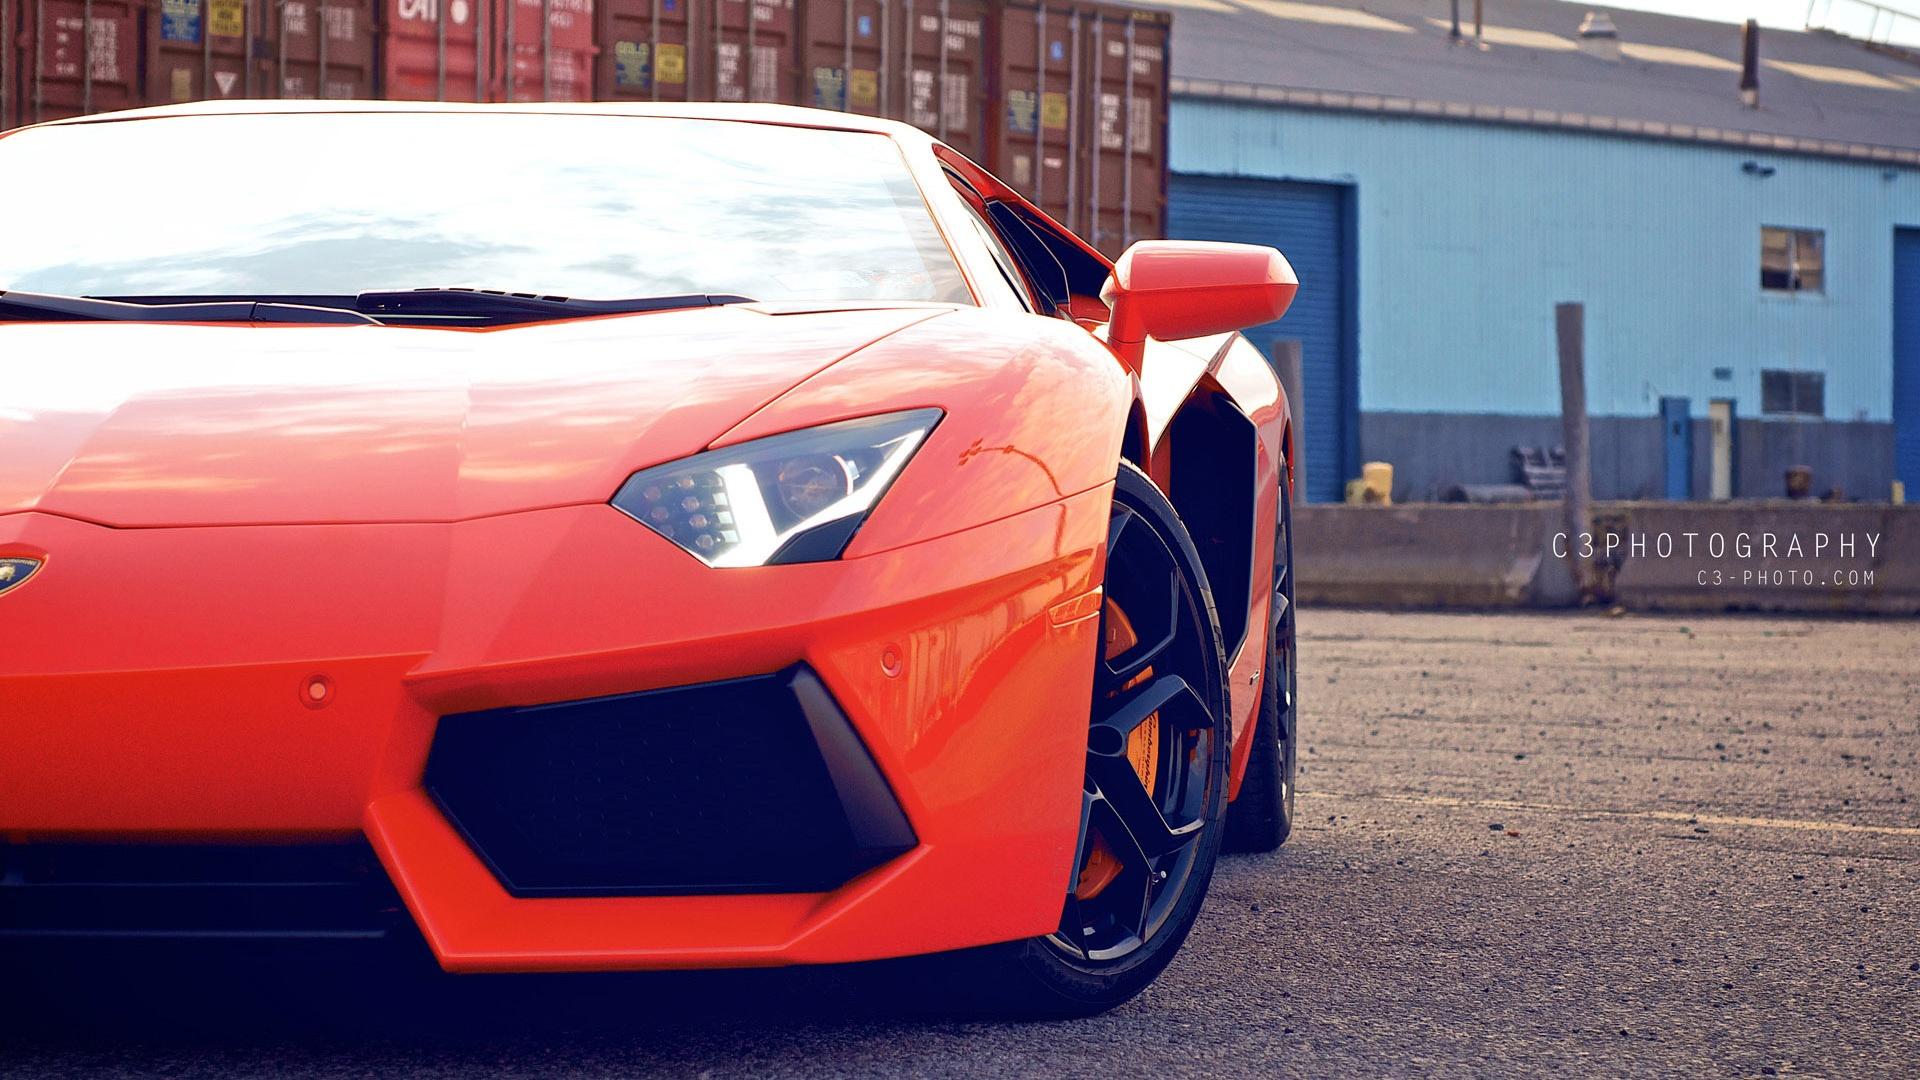 New Lamborghini Aventador Wallpapers In Jpg Format For Free Download